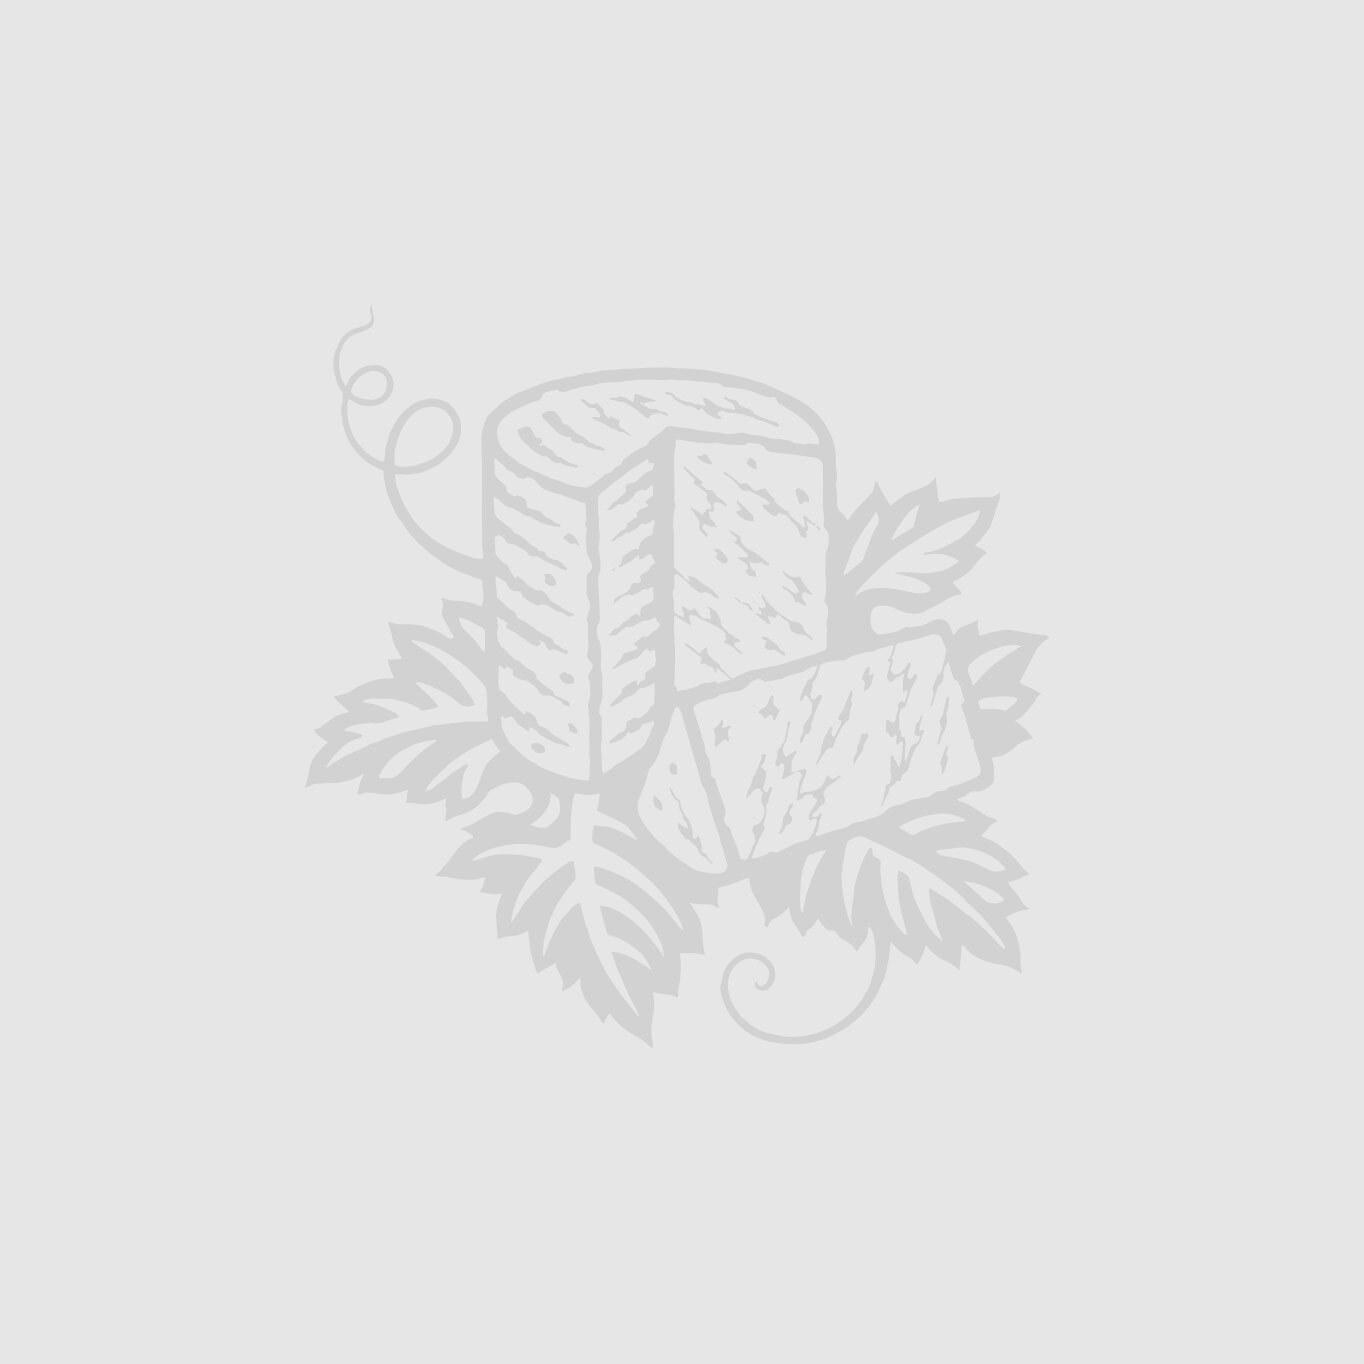 Valdobbiadene Prosecco Superiore DOCG Cantina Progettidivini 2018